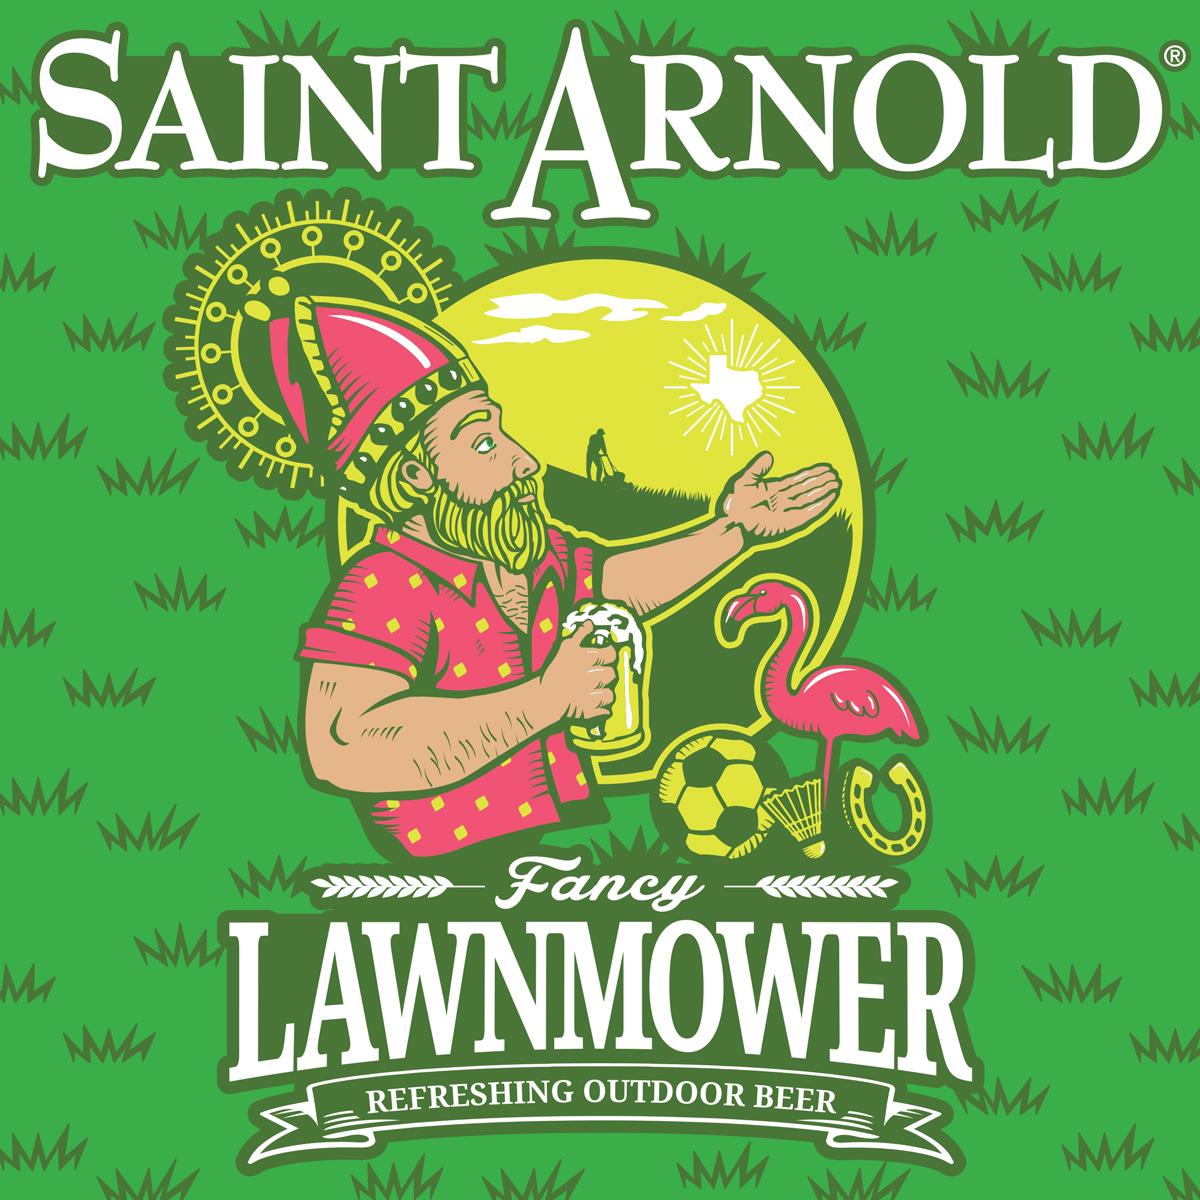 brand_image_fancy_lawnmower_update